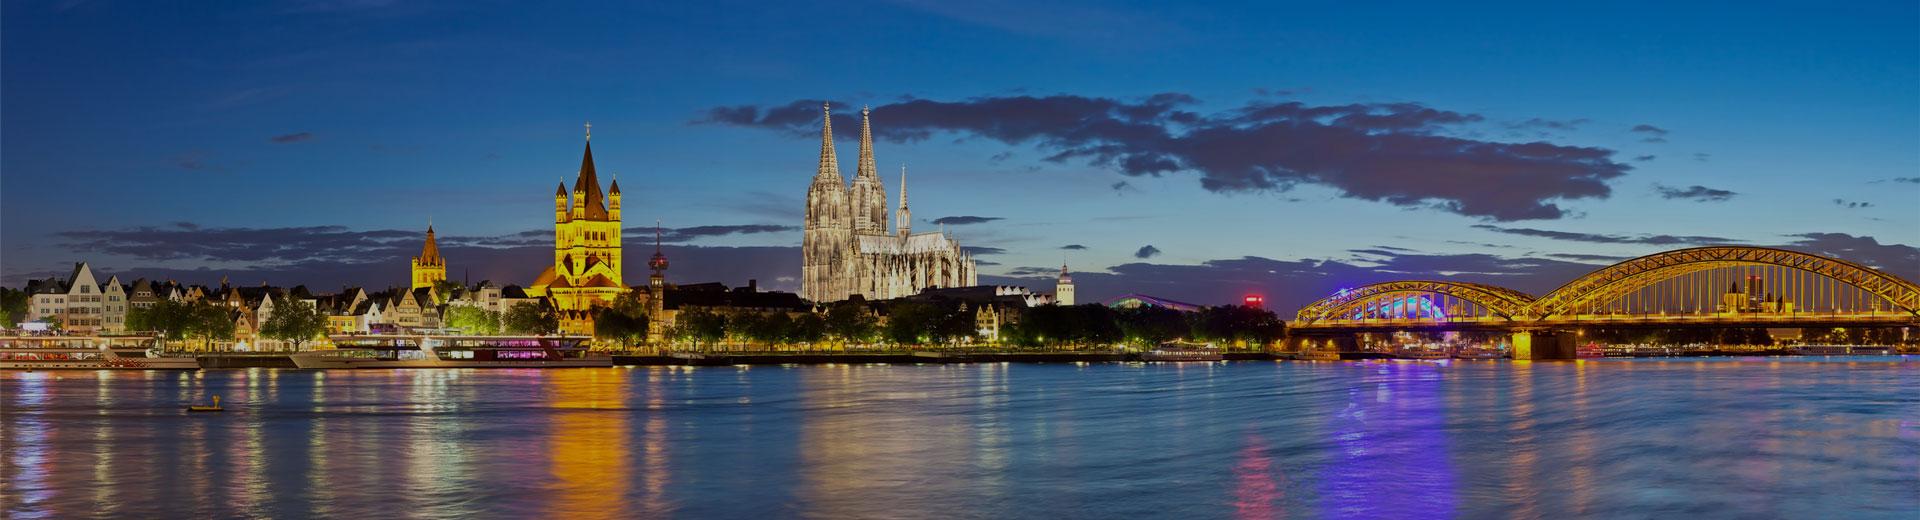 Englischkurse in Köln